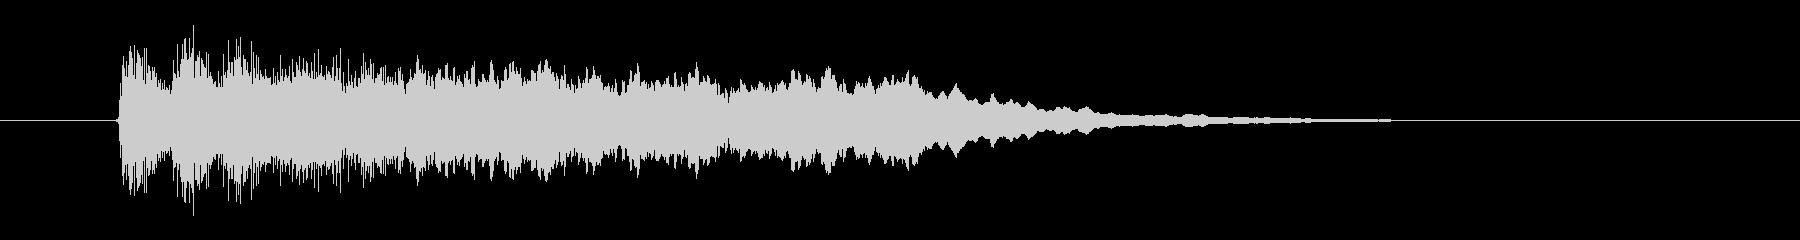 勢いあるクラシカルなジングルの未再生の波形